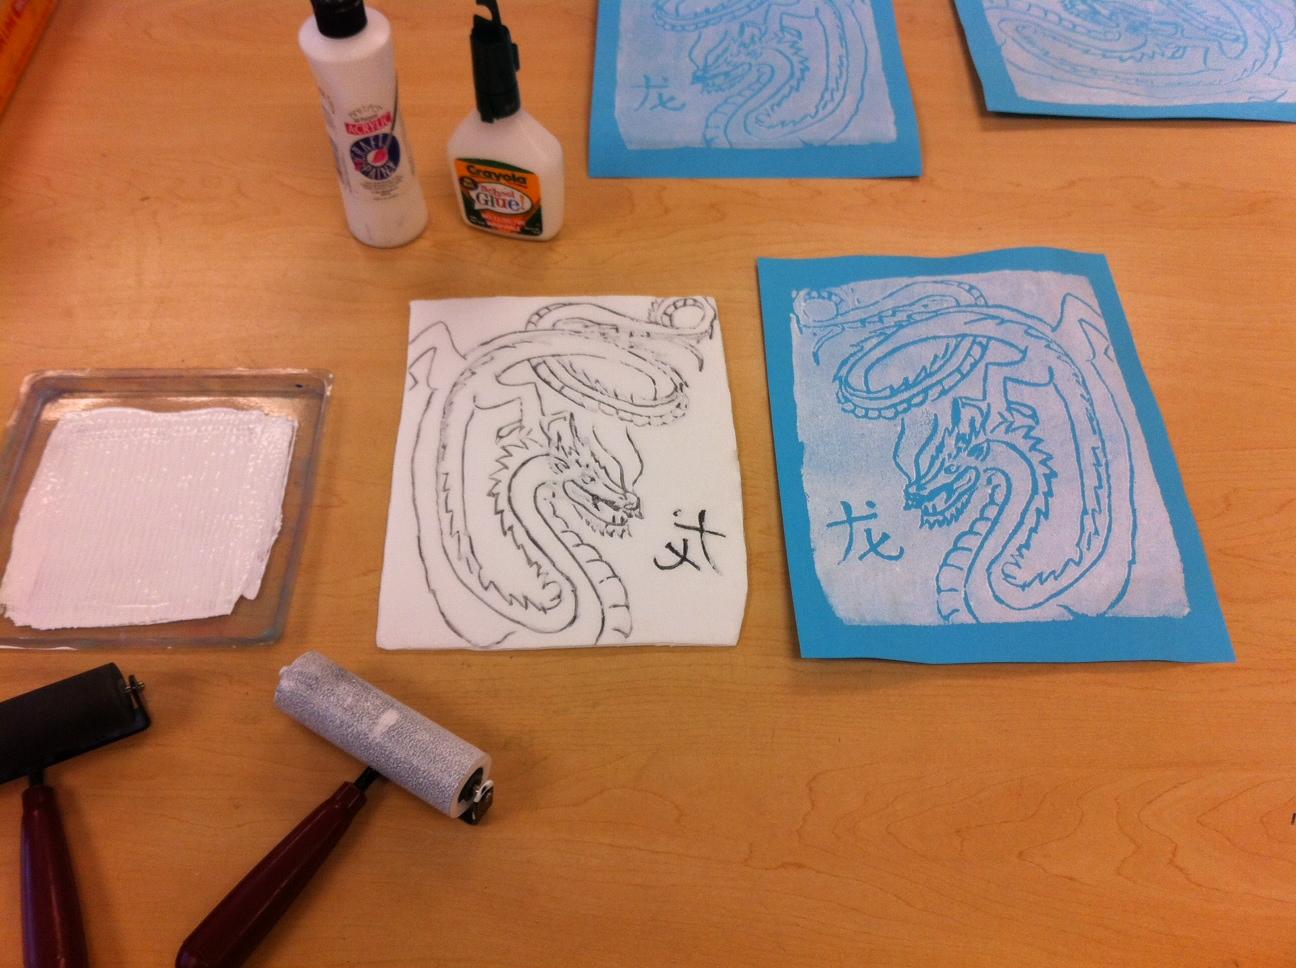 Fabric Markers Vs Acrylic Paint